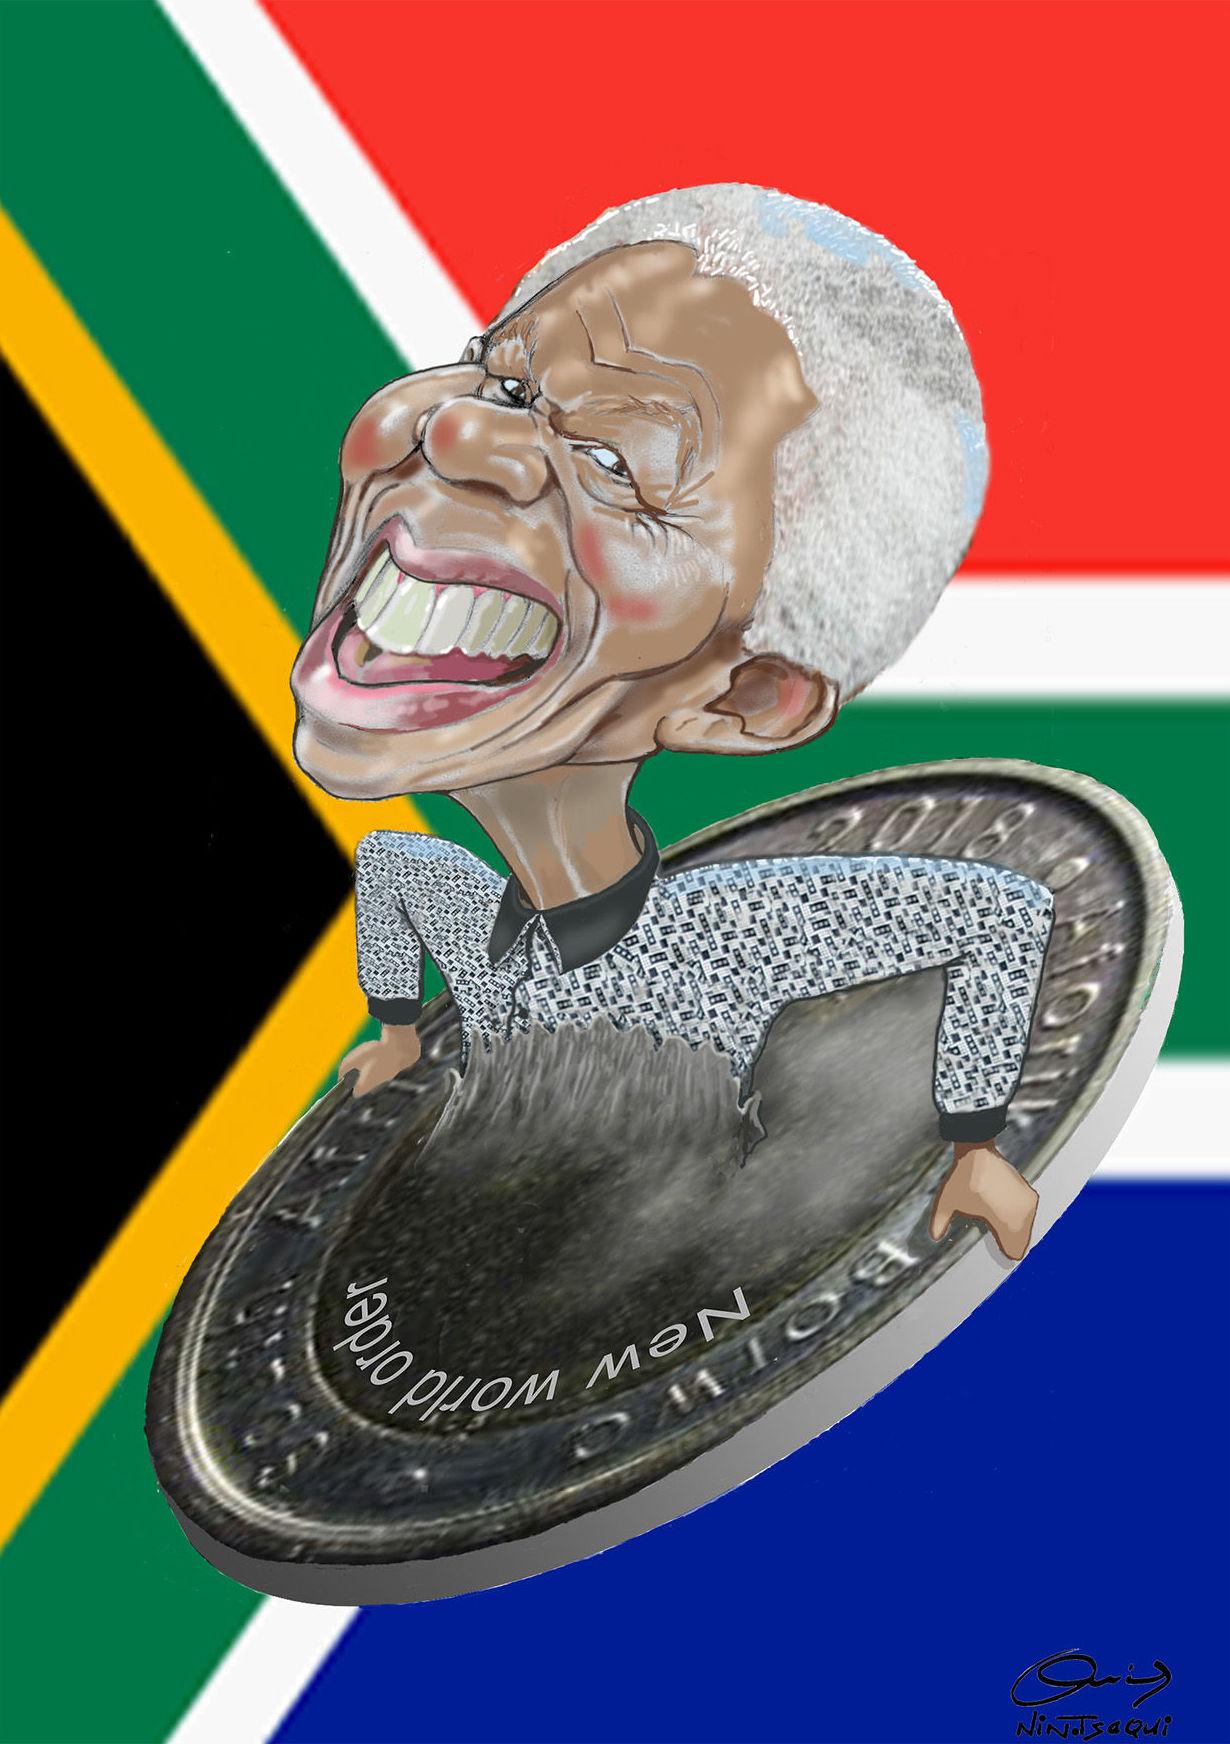 Mandela intentando salir del Nuevo Orden Mundial